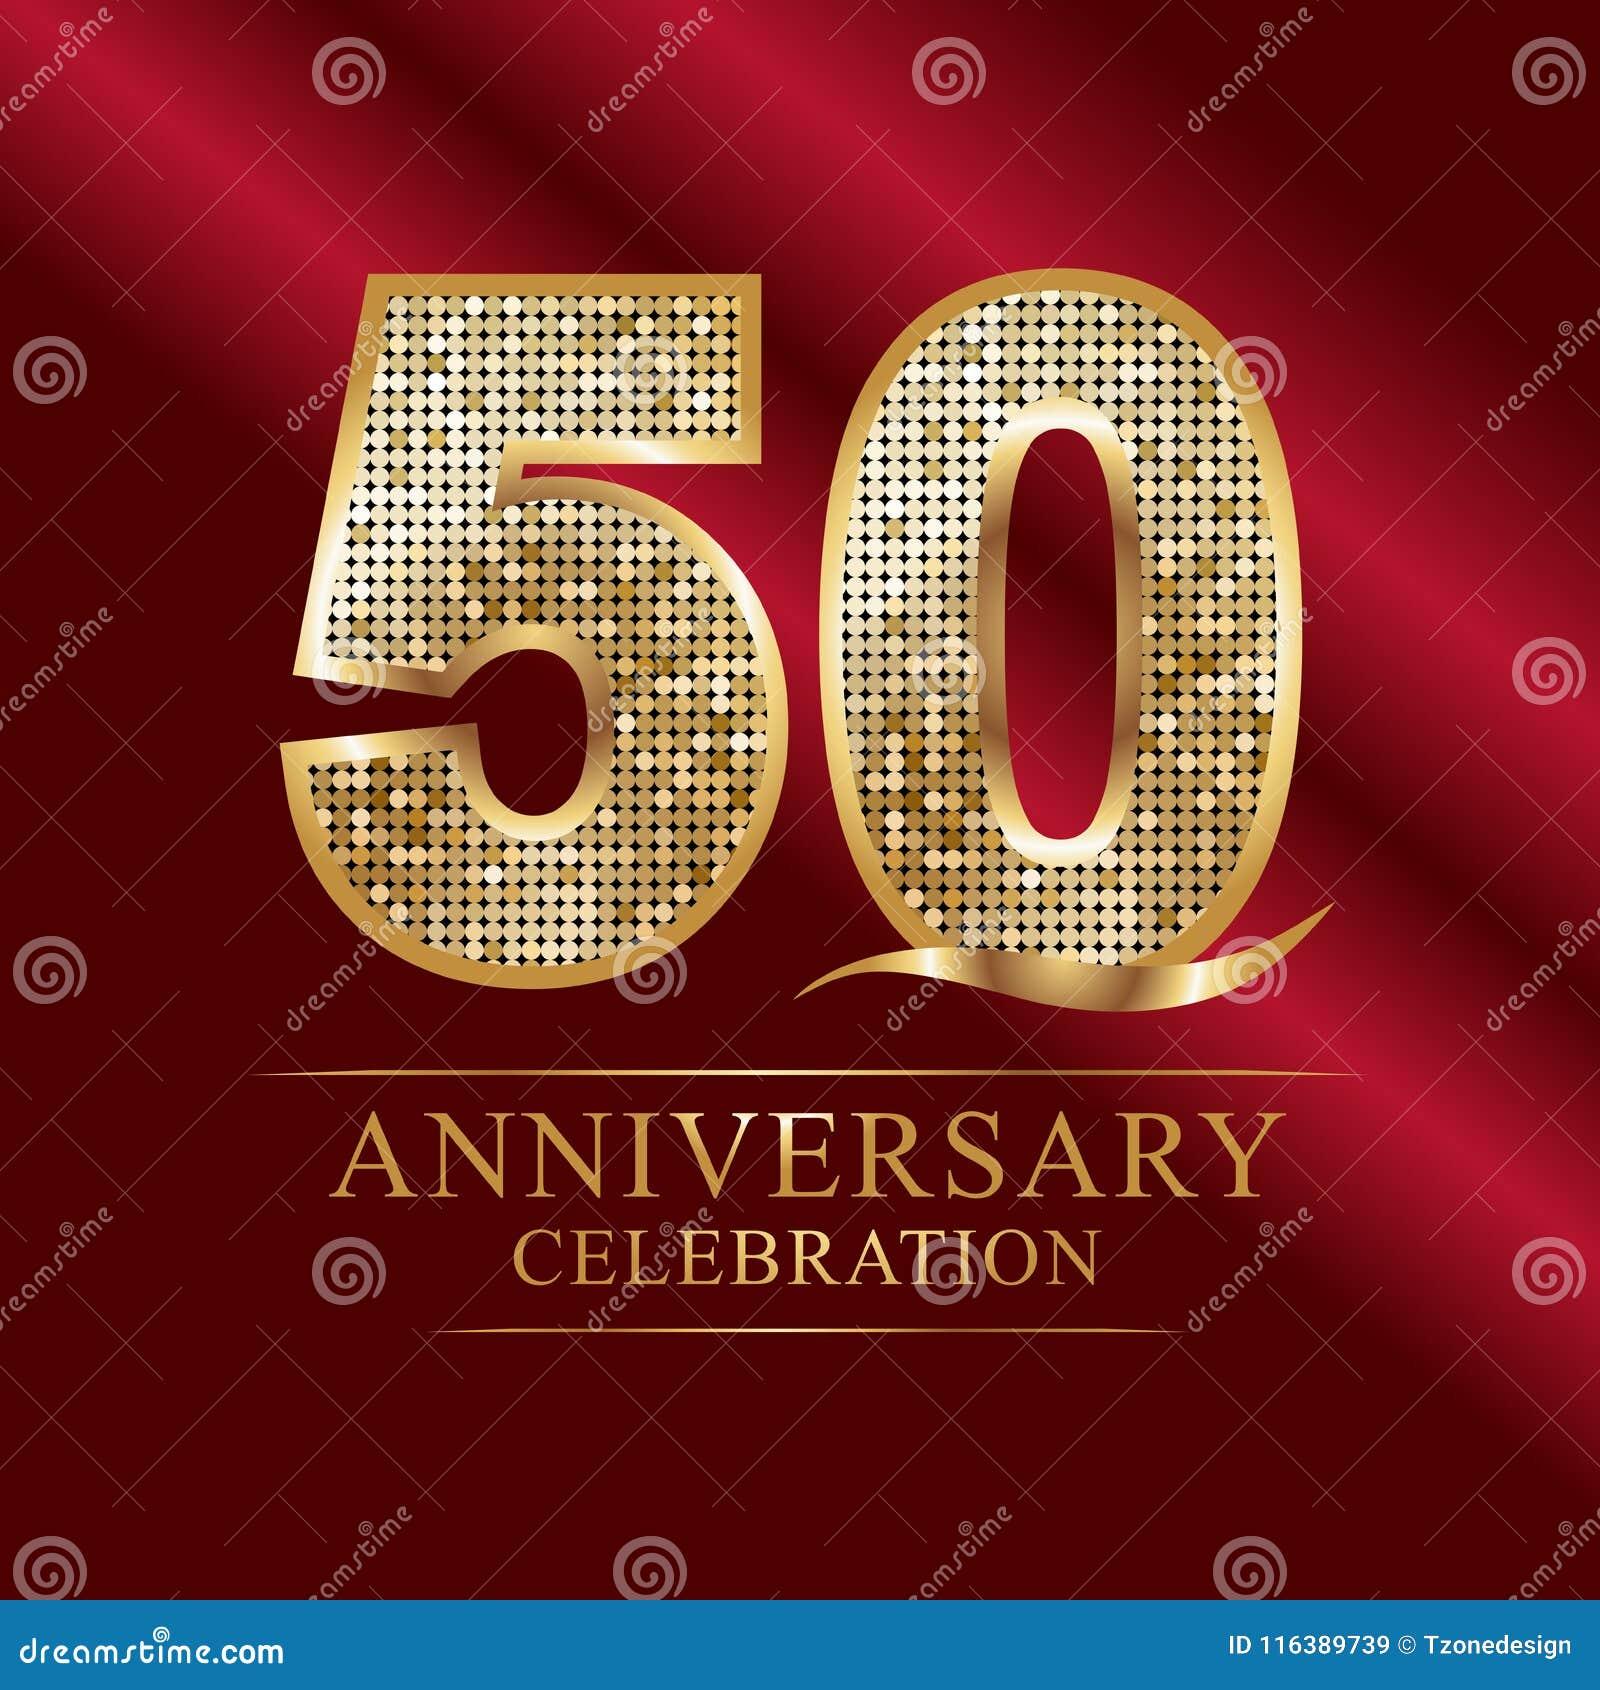 50 έτη εορτασμού επετείου logotype κόκκινη κορδέλλα 50ης επετείου ετών και χρυσό μπαλόνι στο γκρίζο υπόβαθρο